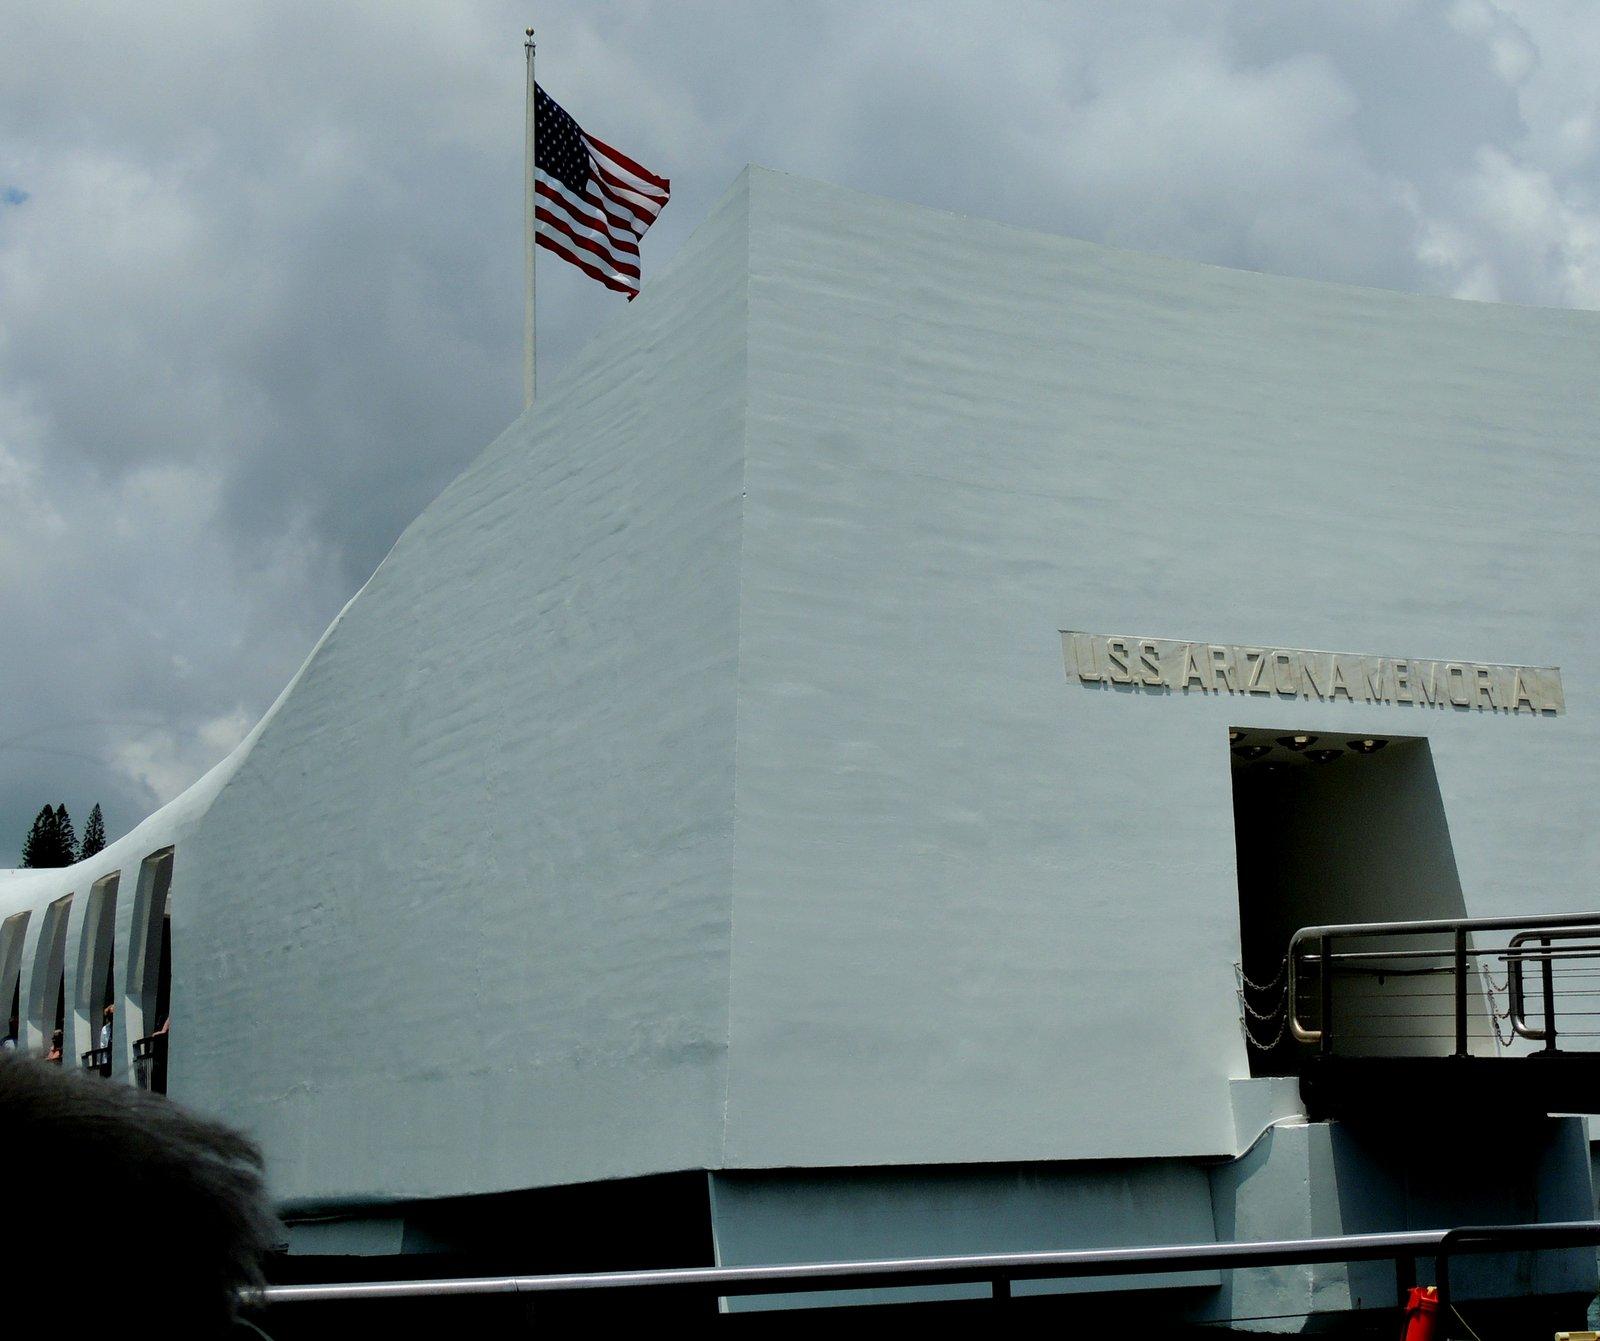 USS Arizona Memorial - Pearl Harbour - Oahu